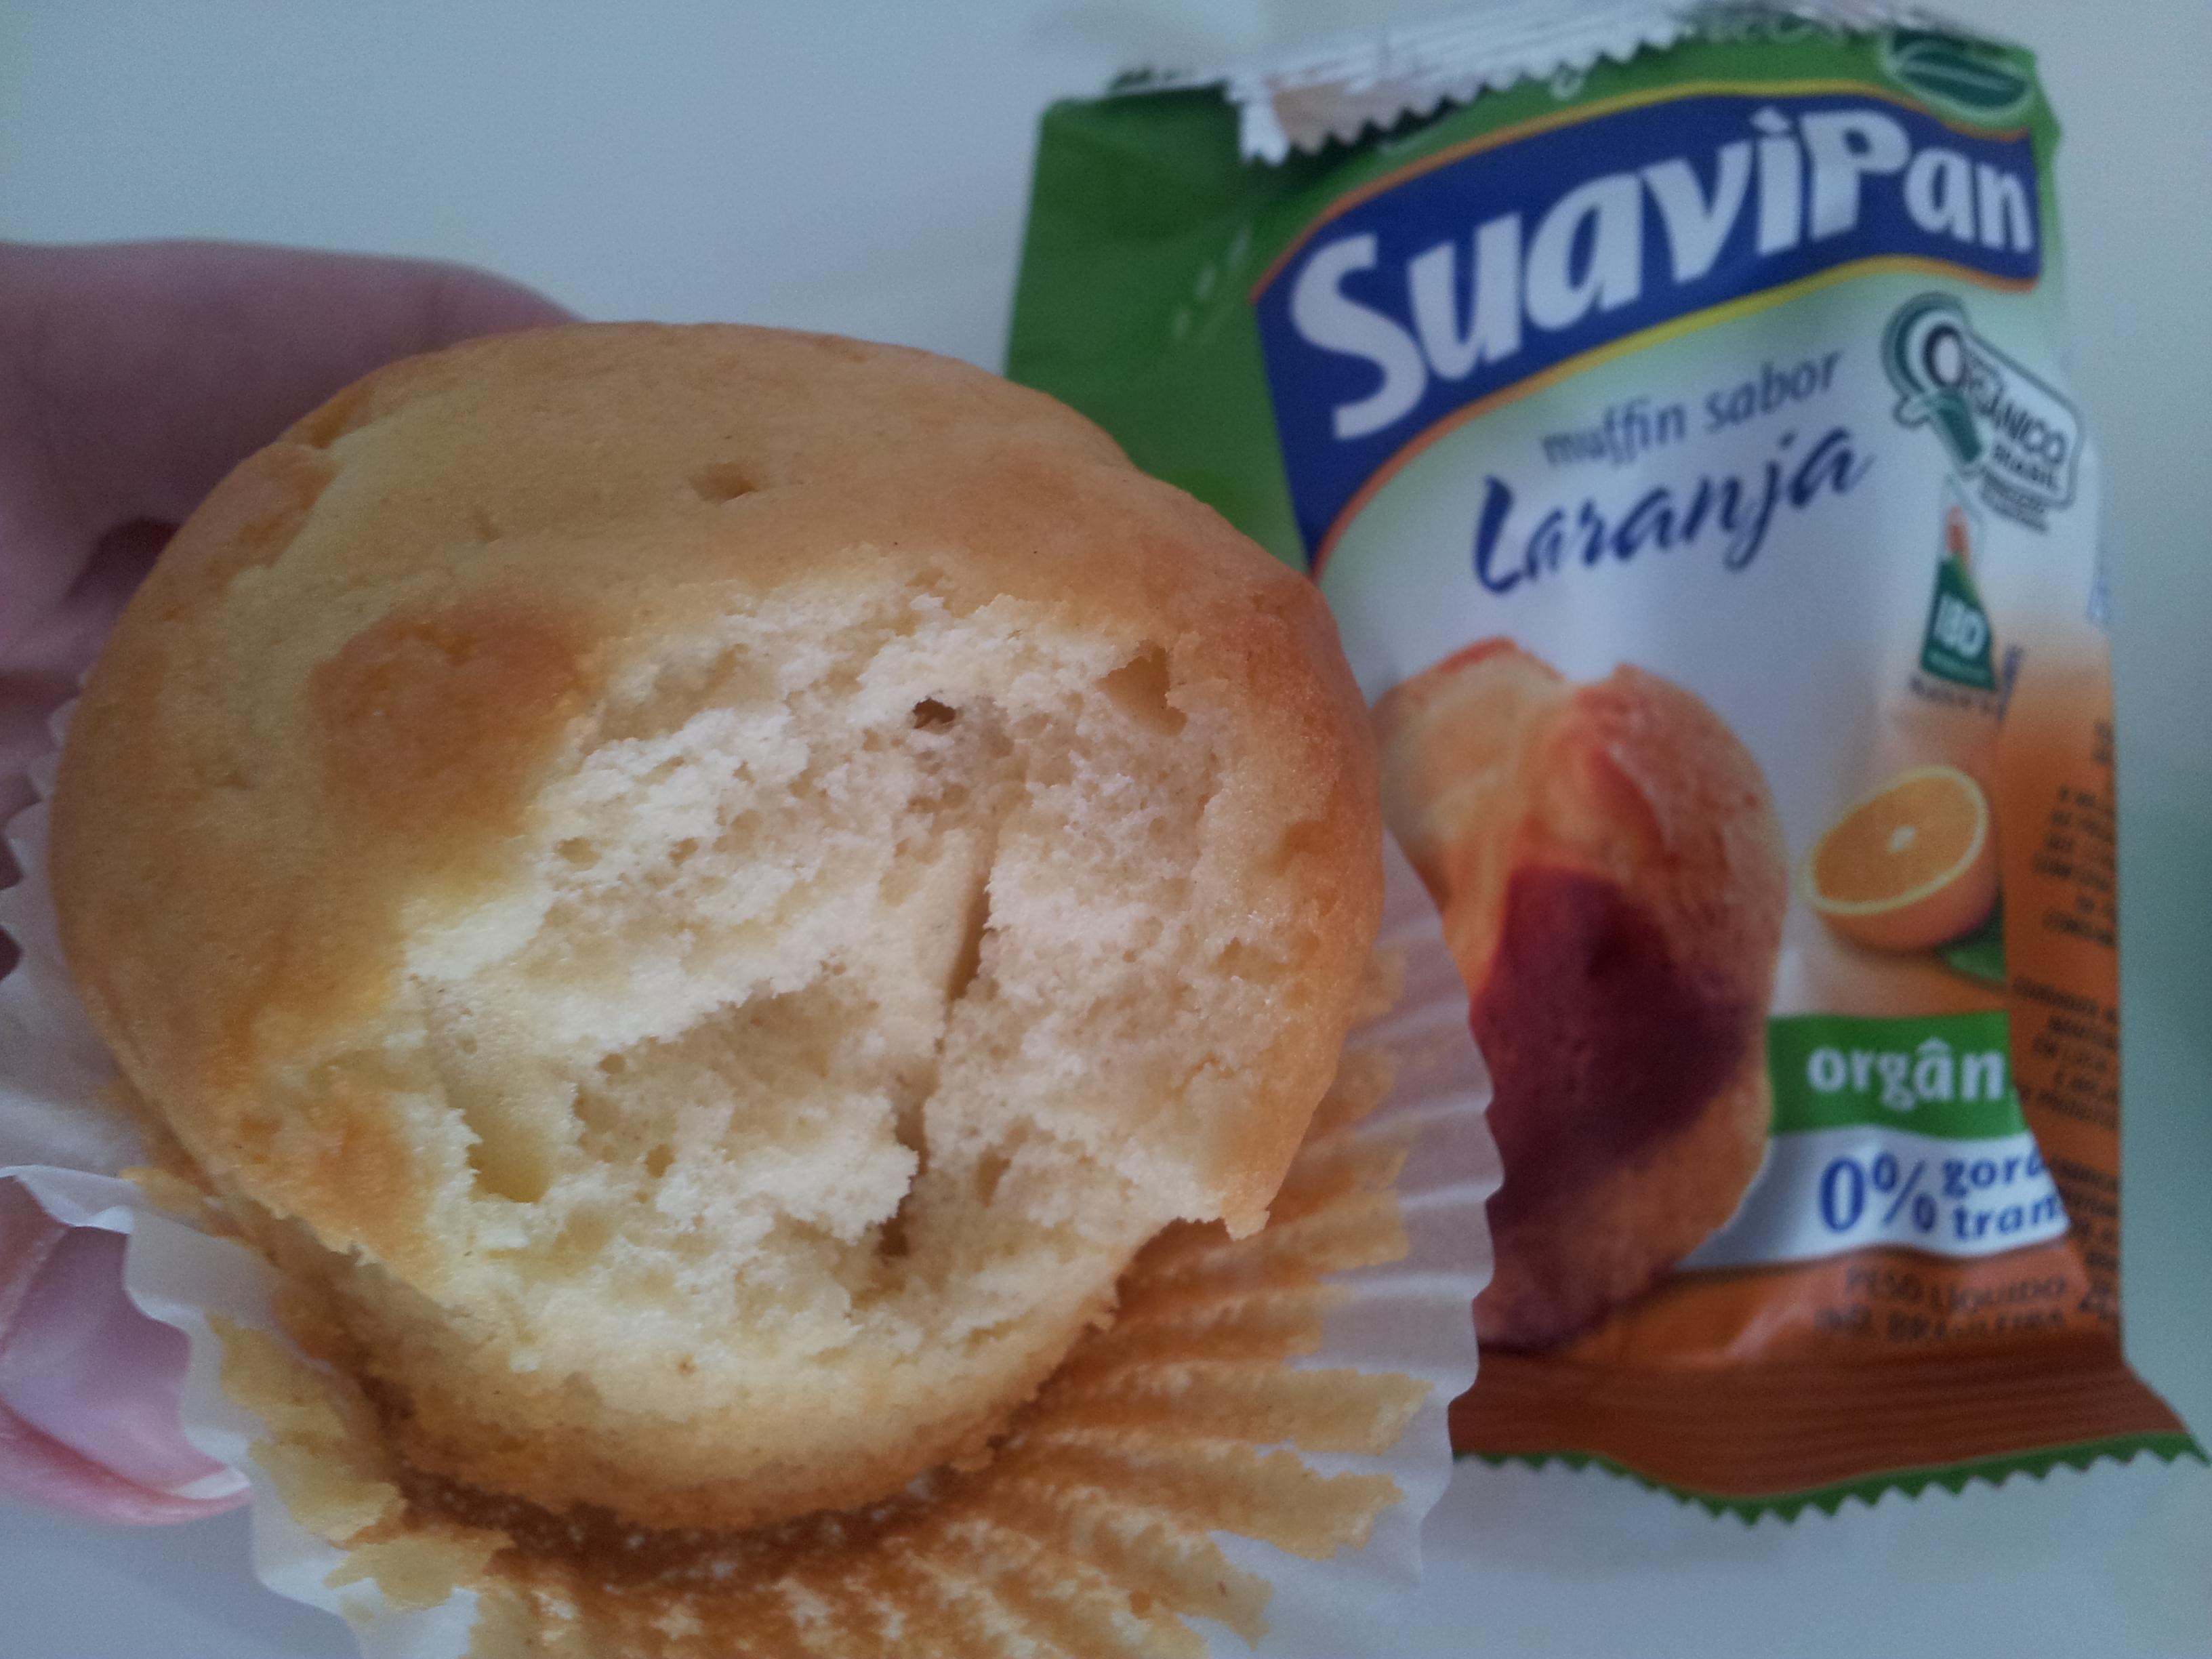 muffin-suavipan